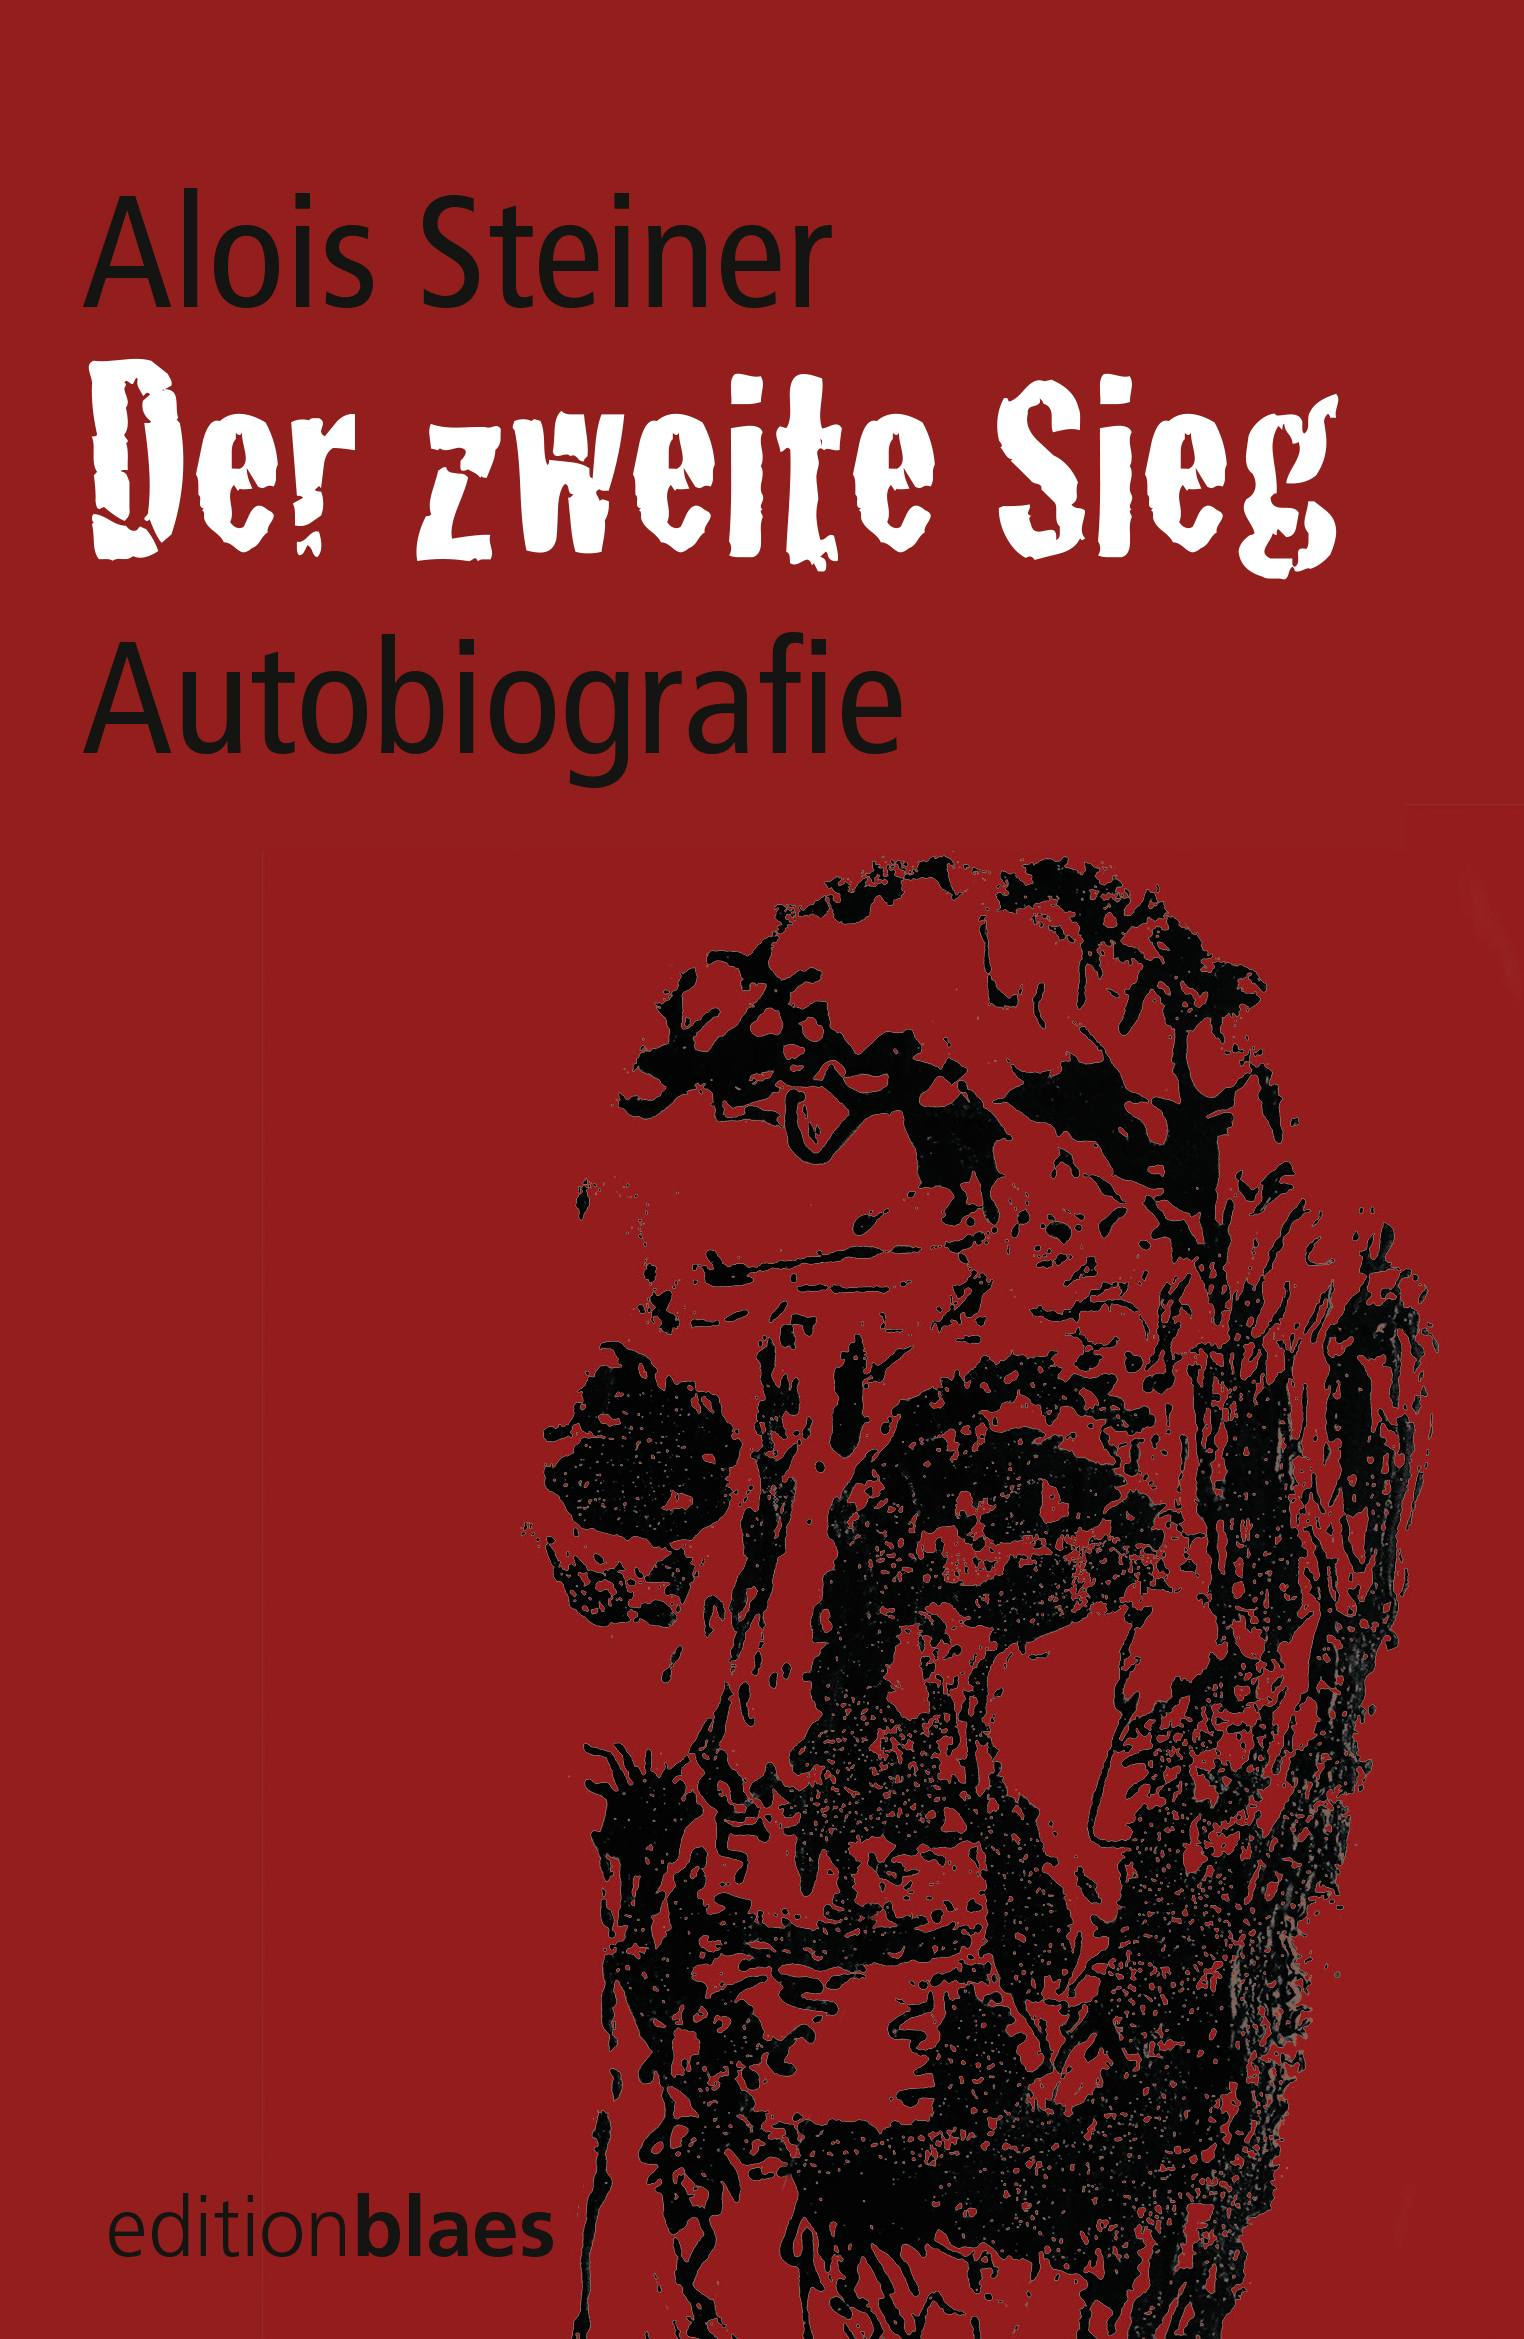 Alois Steiner - Der zweite Sieg Autobiografie